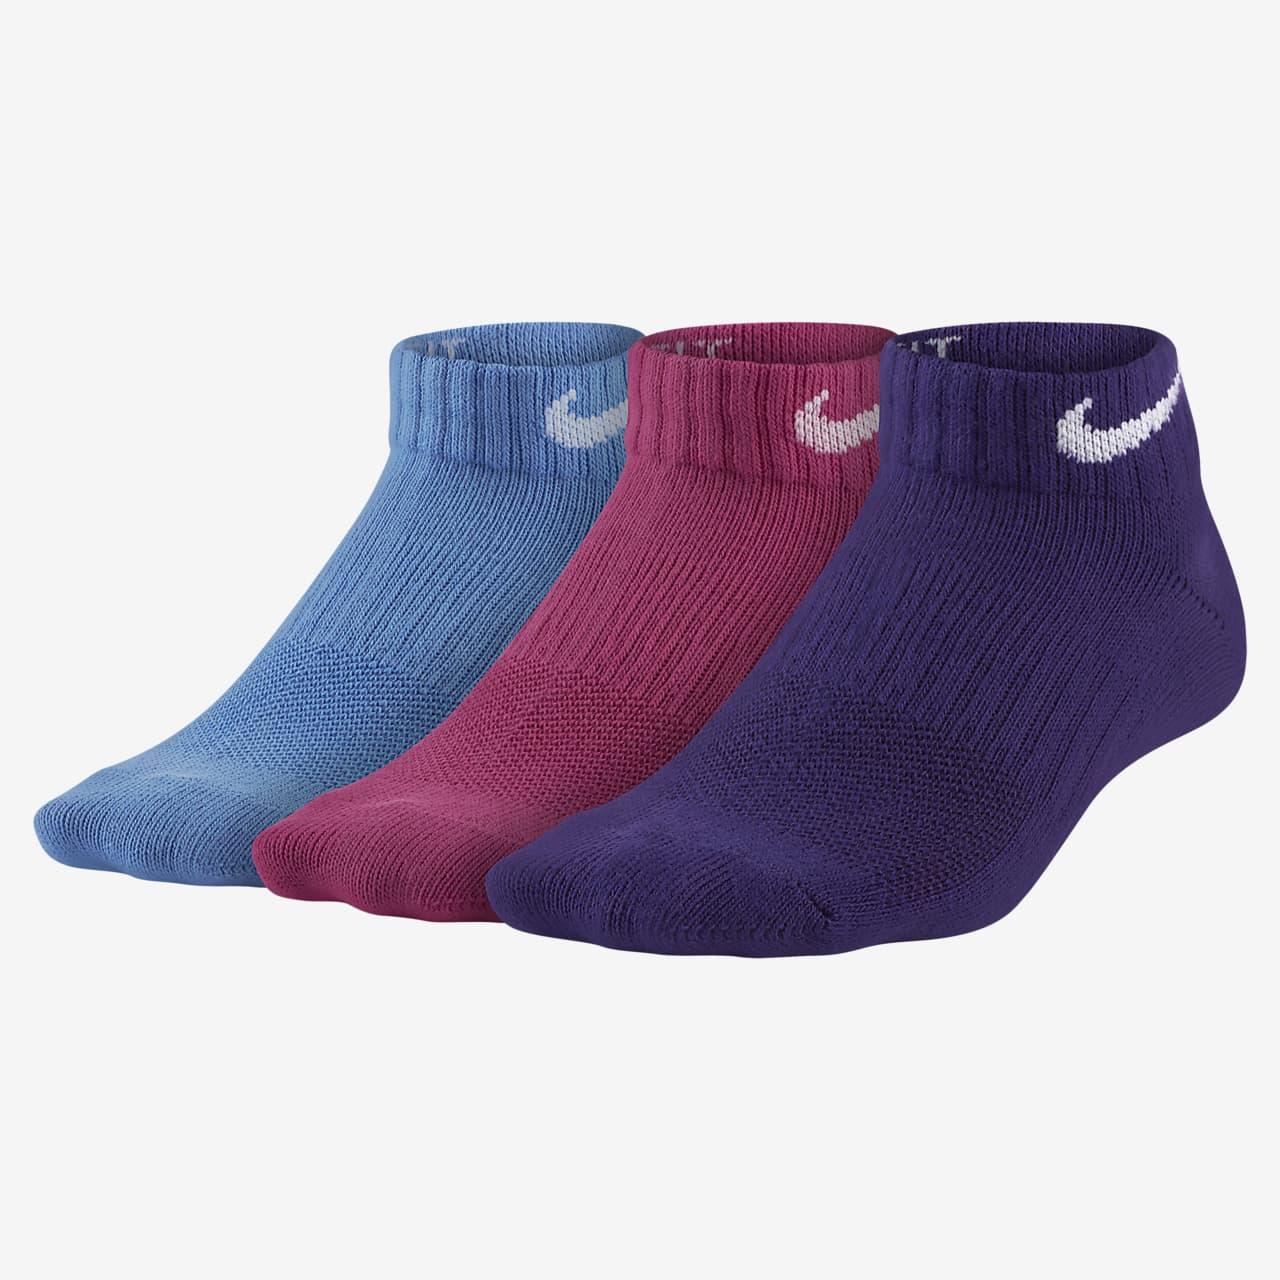 ถุงเท้าเด็กโตแบบซ่อนน้ำหนักเบา Nike Everyday (3 คู่)